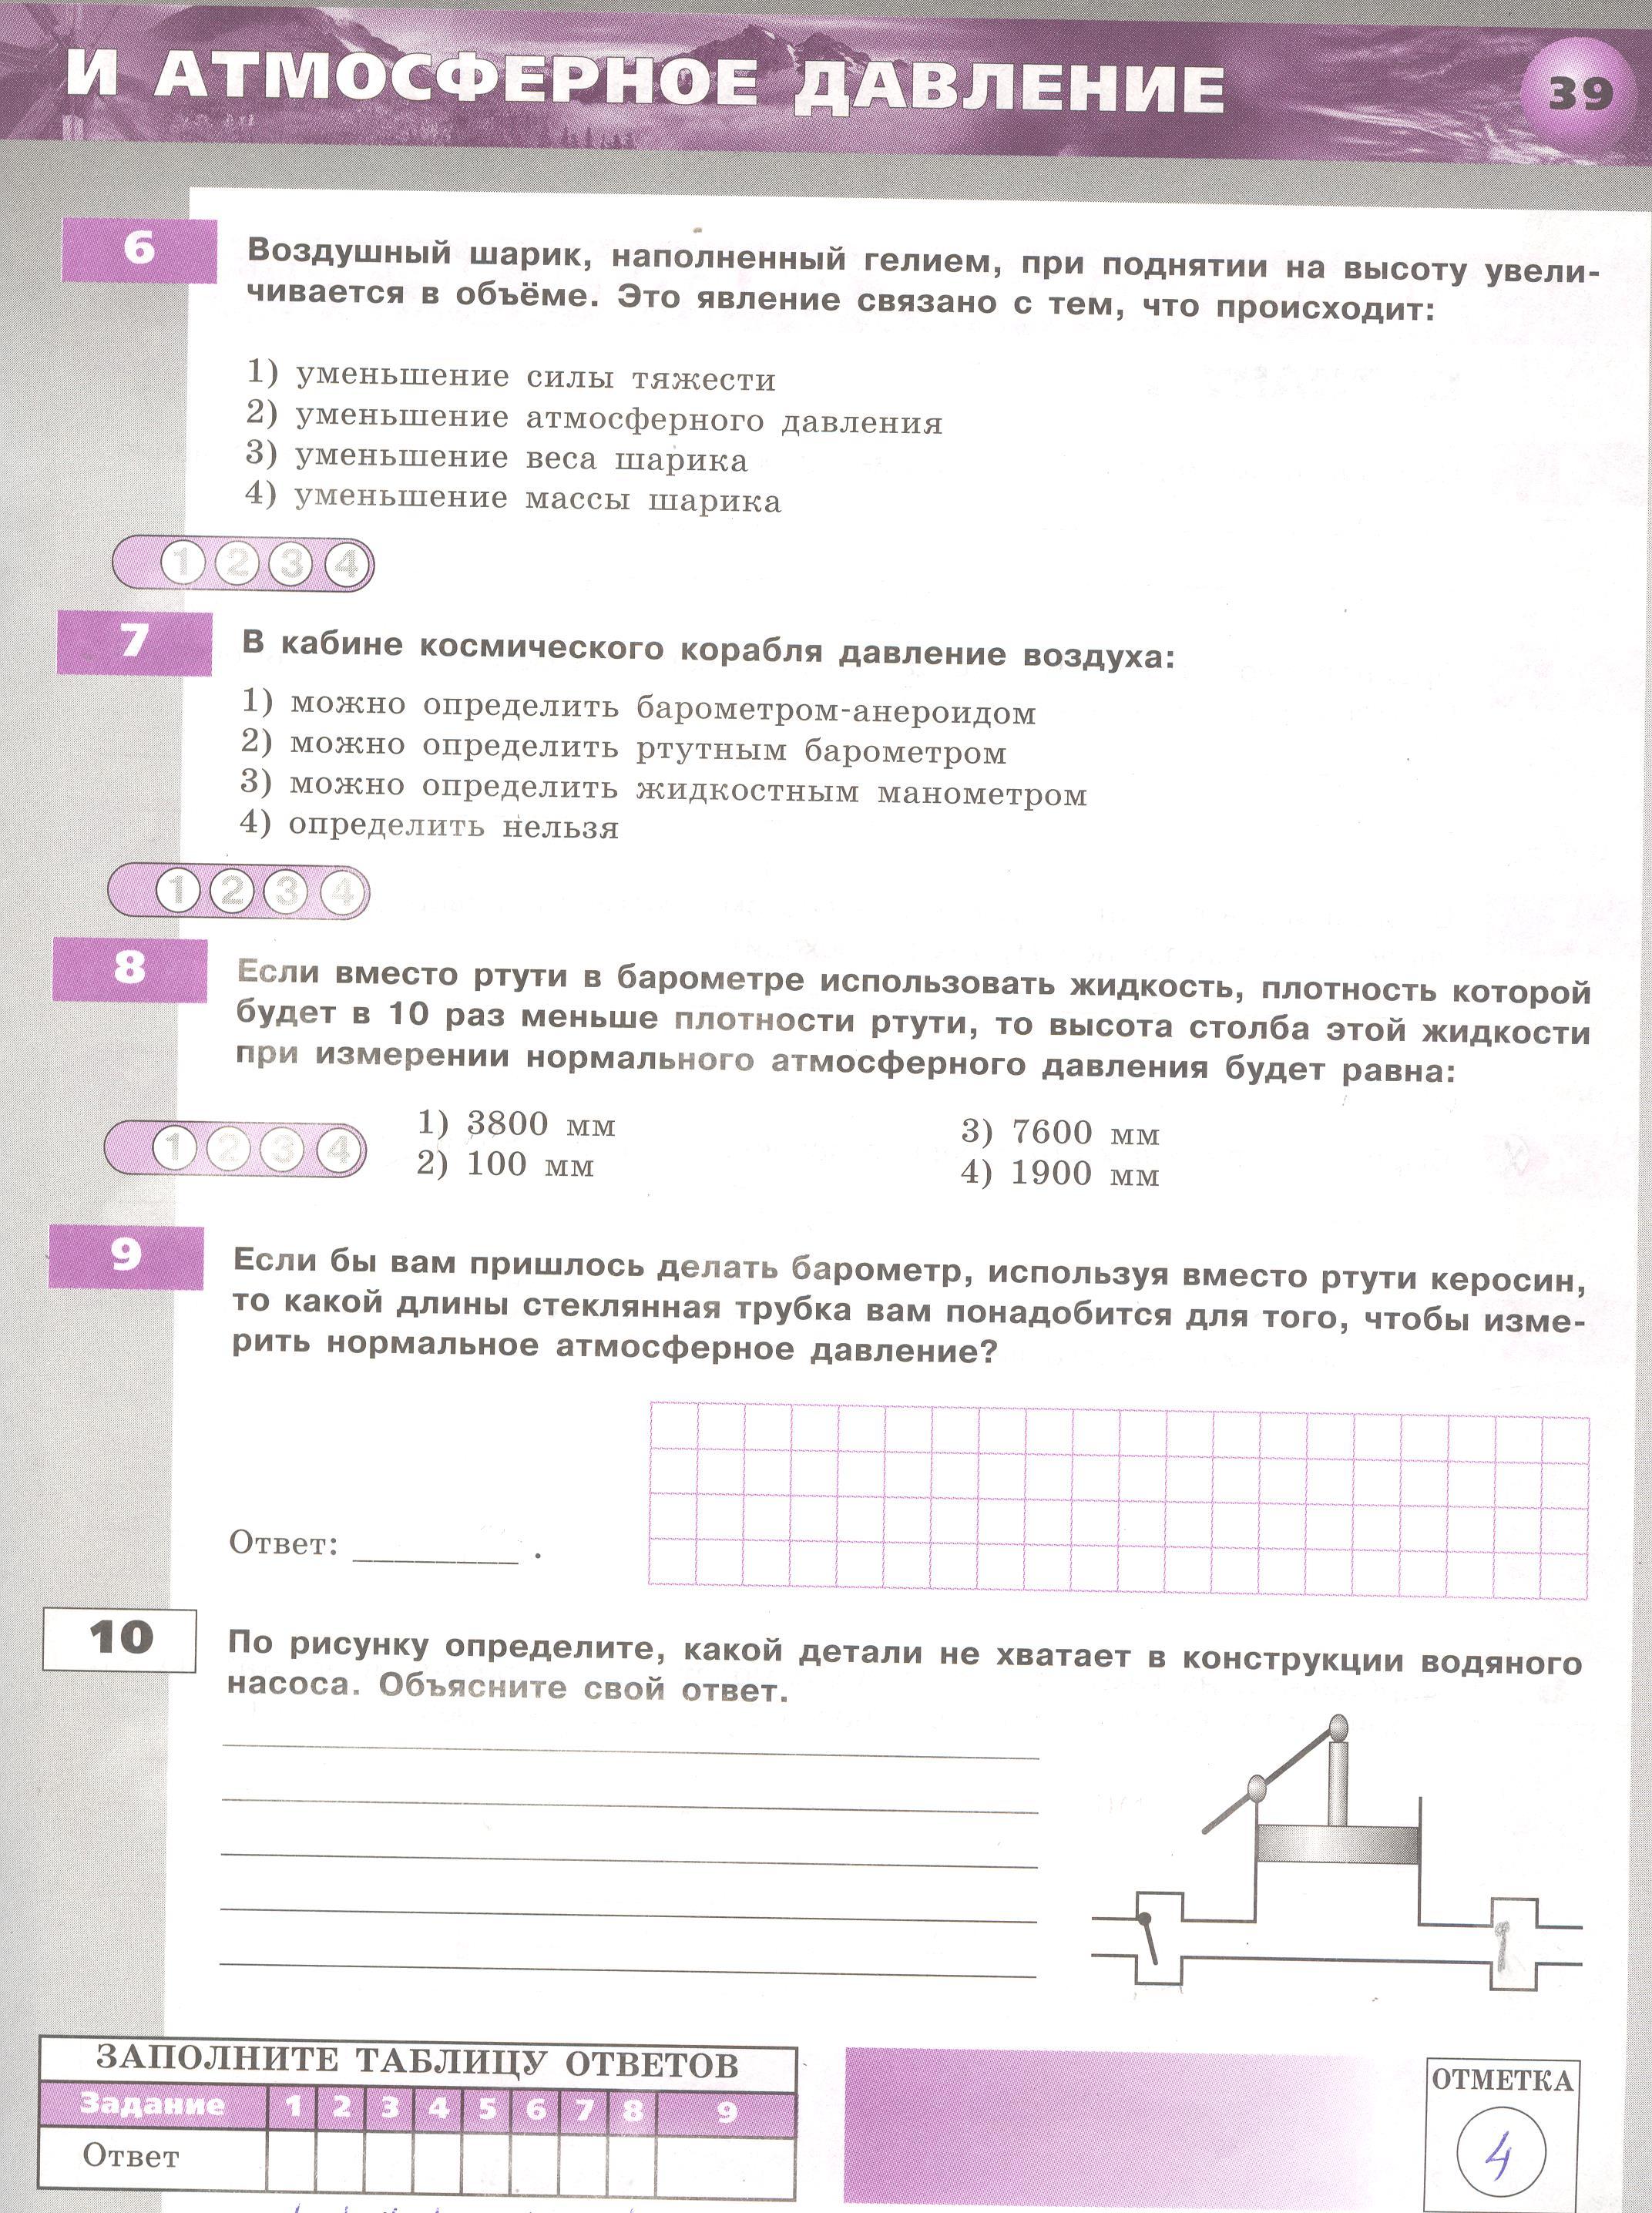 контрольная работа по физике 7 класс давление ответы